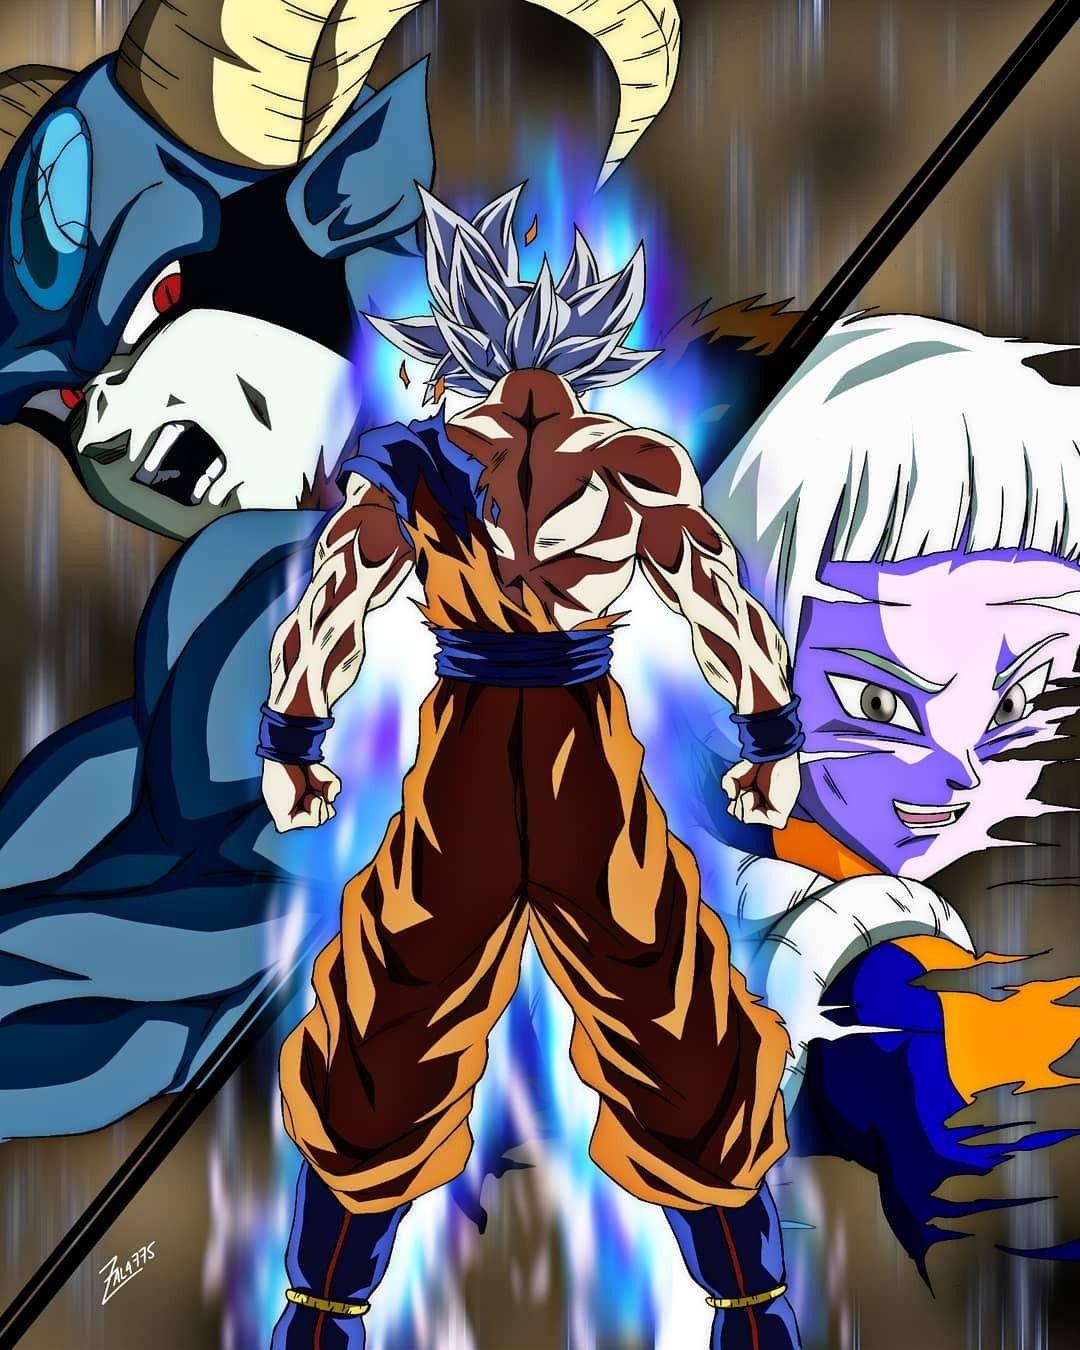 Ultra Instinct Vs Moro Dragon Ball Super Manga Anime Dragon Ball Super Dragon Ball Super Goku